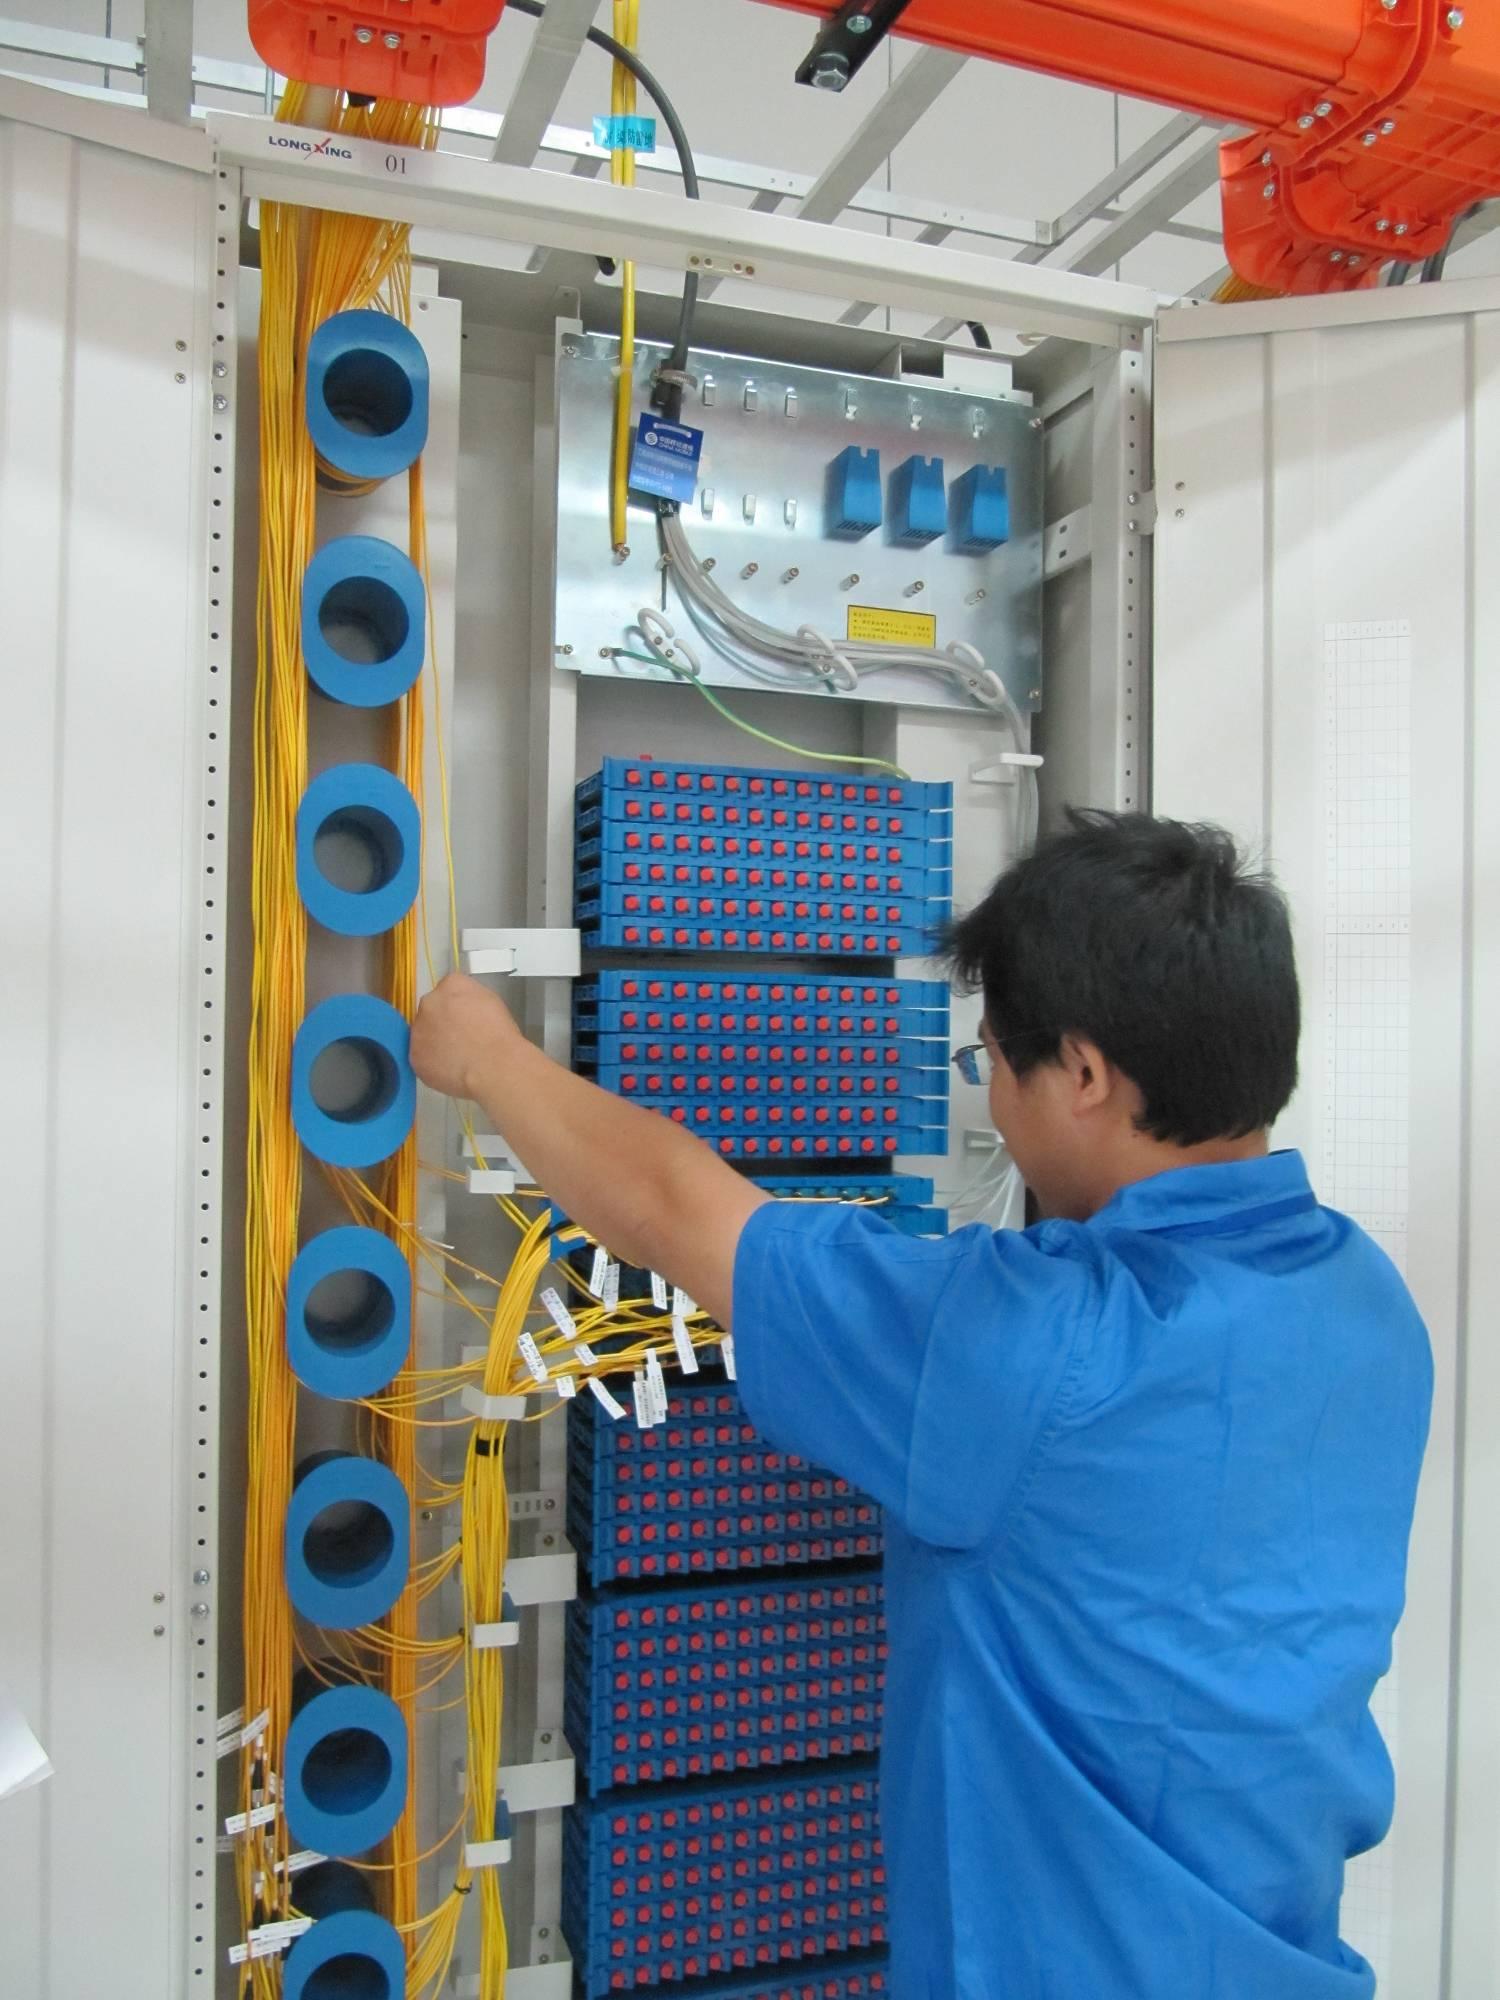 娄底铁通代维v集团集团大客户确保维护图纸客专线三菱中LED表示图片